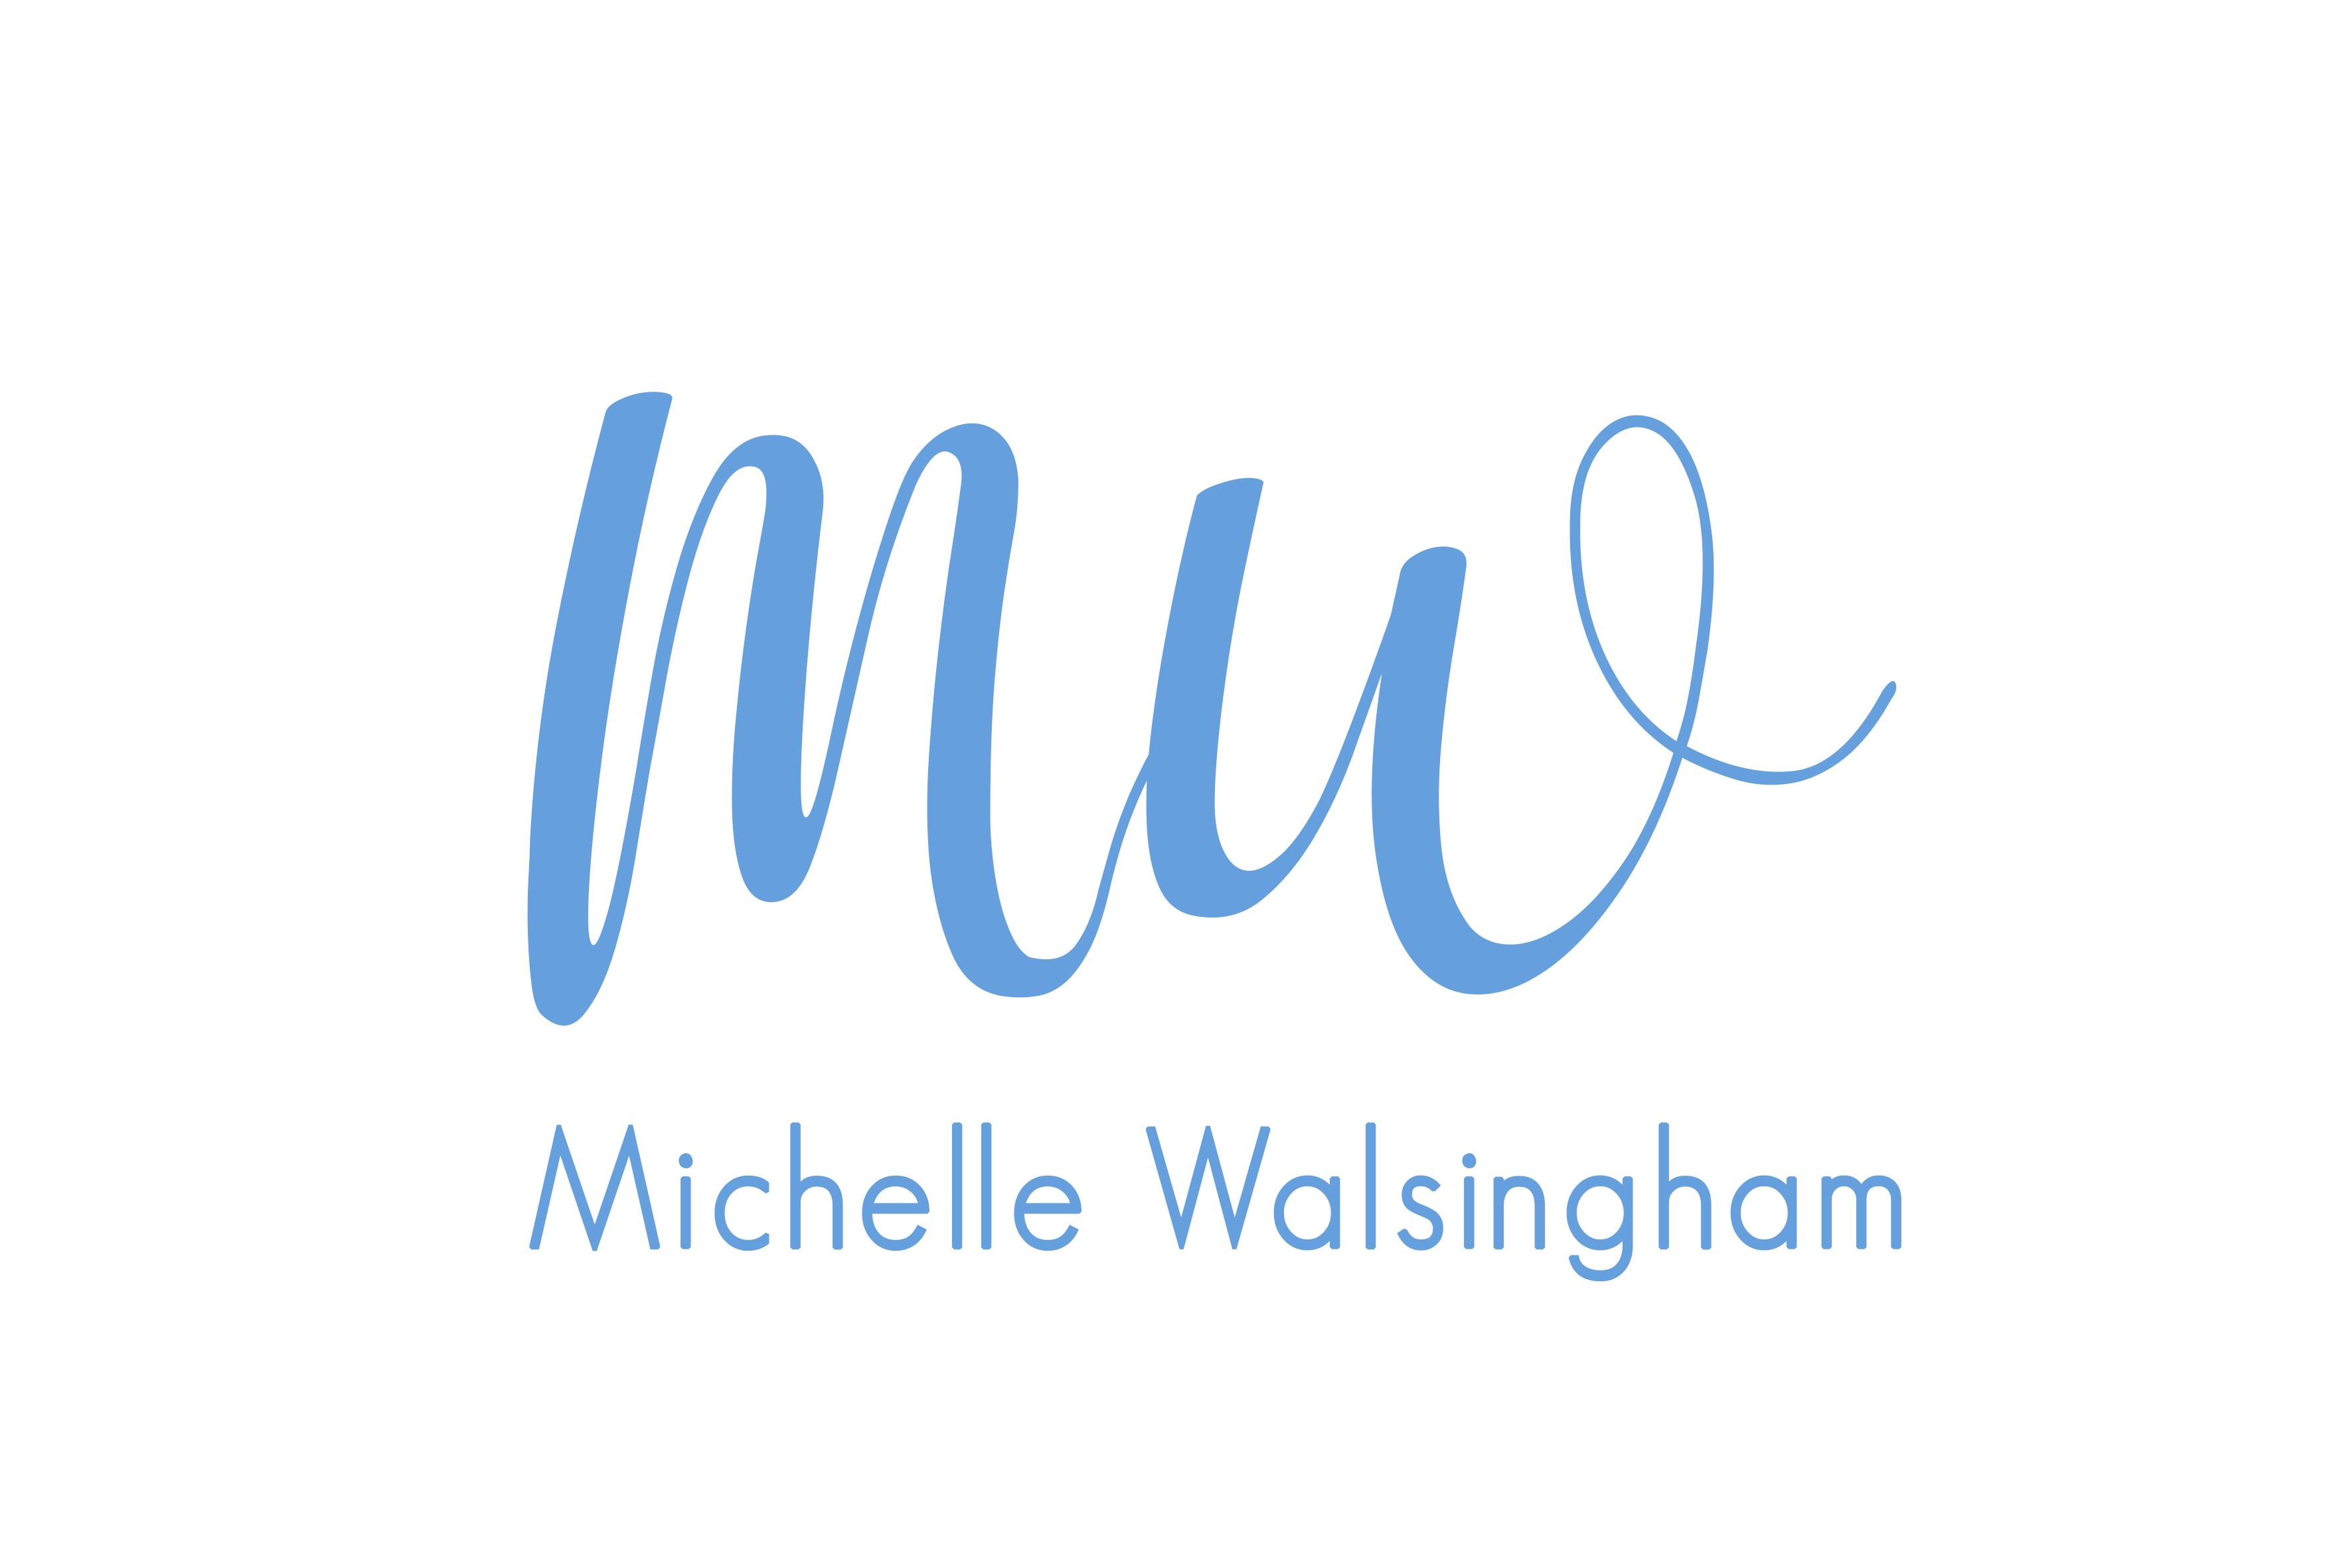 Michelle Walsingham